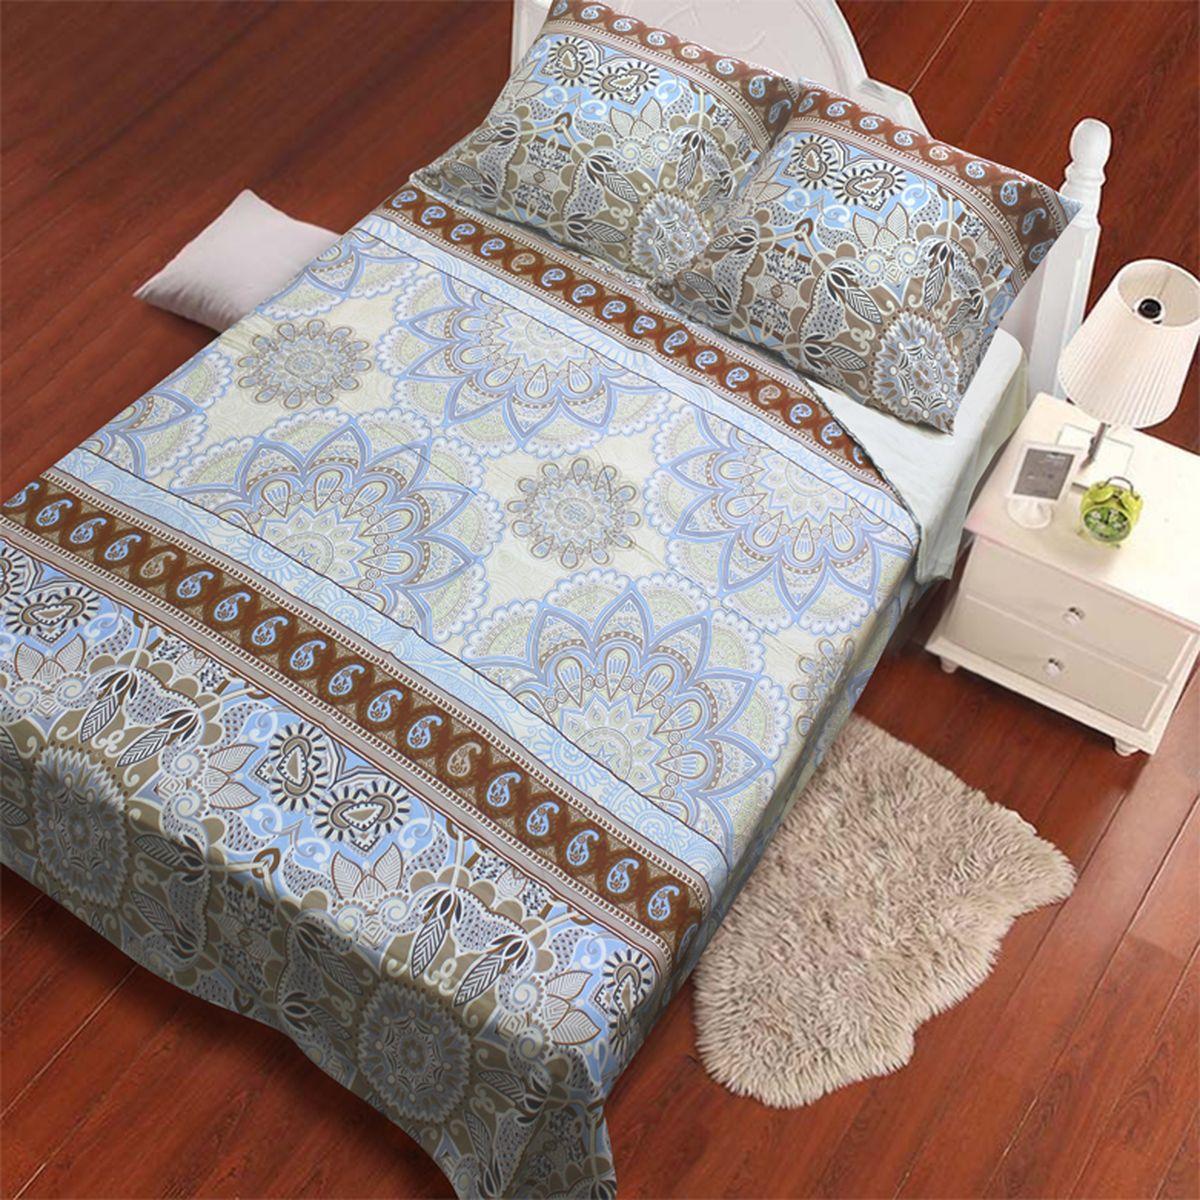 Комплект белья Amore Mio Vostok, 1,5-спальный, наволочки 70x70, цвет: молочный, бежевый, голубой82868Комплект постельного белья Amore Mio является экологически безопасным для всей семьи, так как выполнен из сатина (100% хлопок). Постельное белье оформлено оригинальным рисунком и имеет изысканный внешний вид. Сатин - это ткань сатинового (атласного) переплетения нитей. Имеет гладкую, шелковистую лицевую поверхность, на которой преобладают уточные нити (уток - горизонтально расположенные в тканом полотне нити). Сатин изготавливается из крученой хлопковой нити двойного плетения. Он чрезвычайно приятен на ощупь, не электризуется и не скользит по кровати. Сатин прекрасно сохраняет форму и не мнется, отлично пропускает воздух, что позволяет телу дышать и дарит здоровый и комфортный сон.Комплект состоит из пододеяльника, простыни и двух наволочек. Советы по выбору постельного белья от блогера Ирины Соковых. Статья OZON Гид